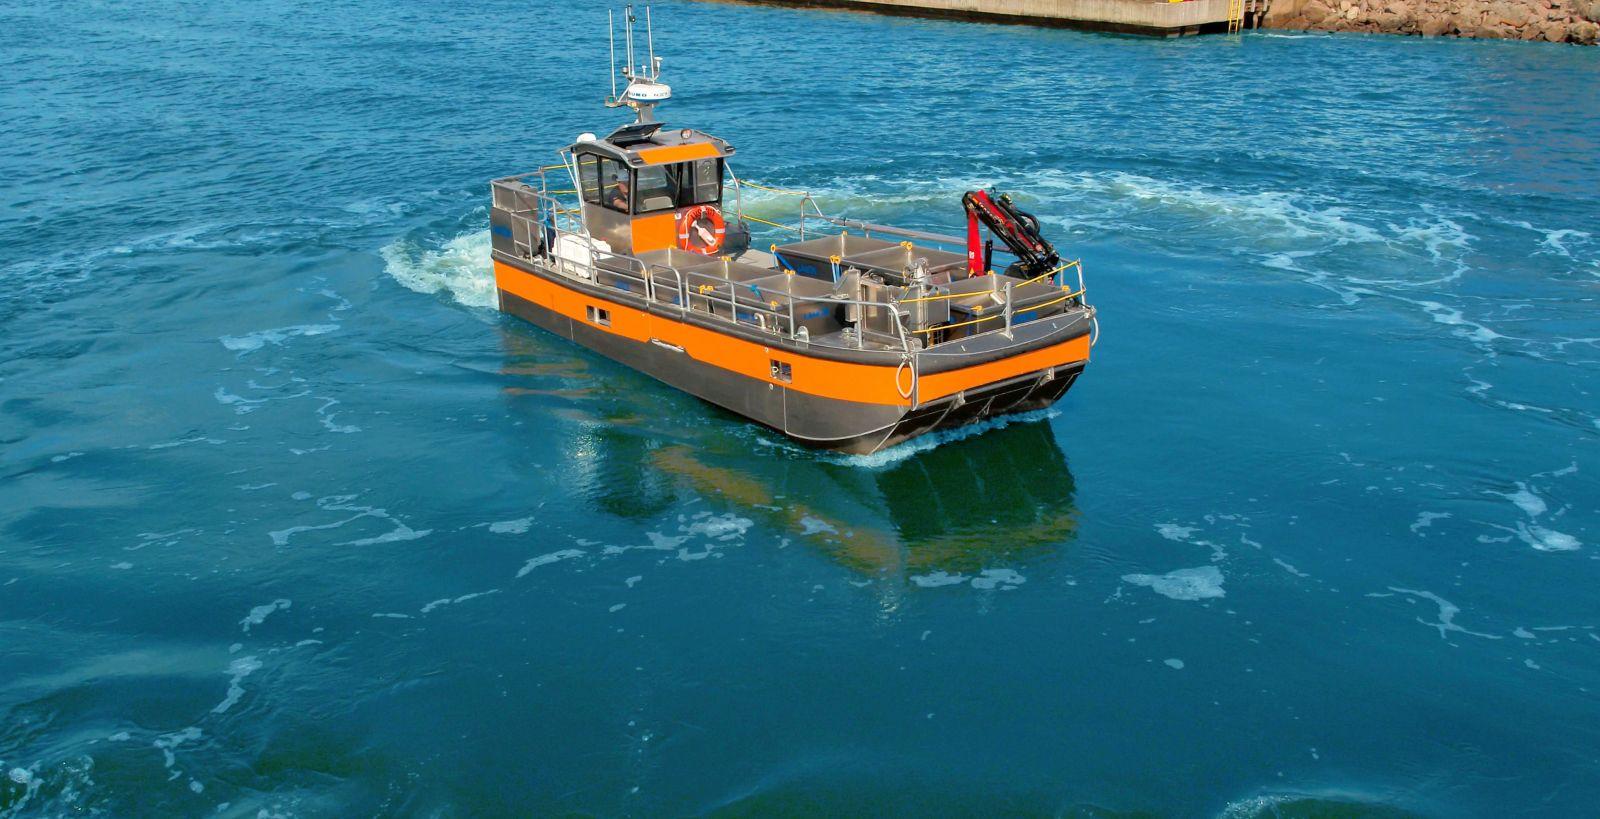 ДППИ: Ограничаваме замърсяването по море и река с нови пристанищни съоръжения